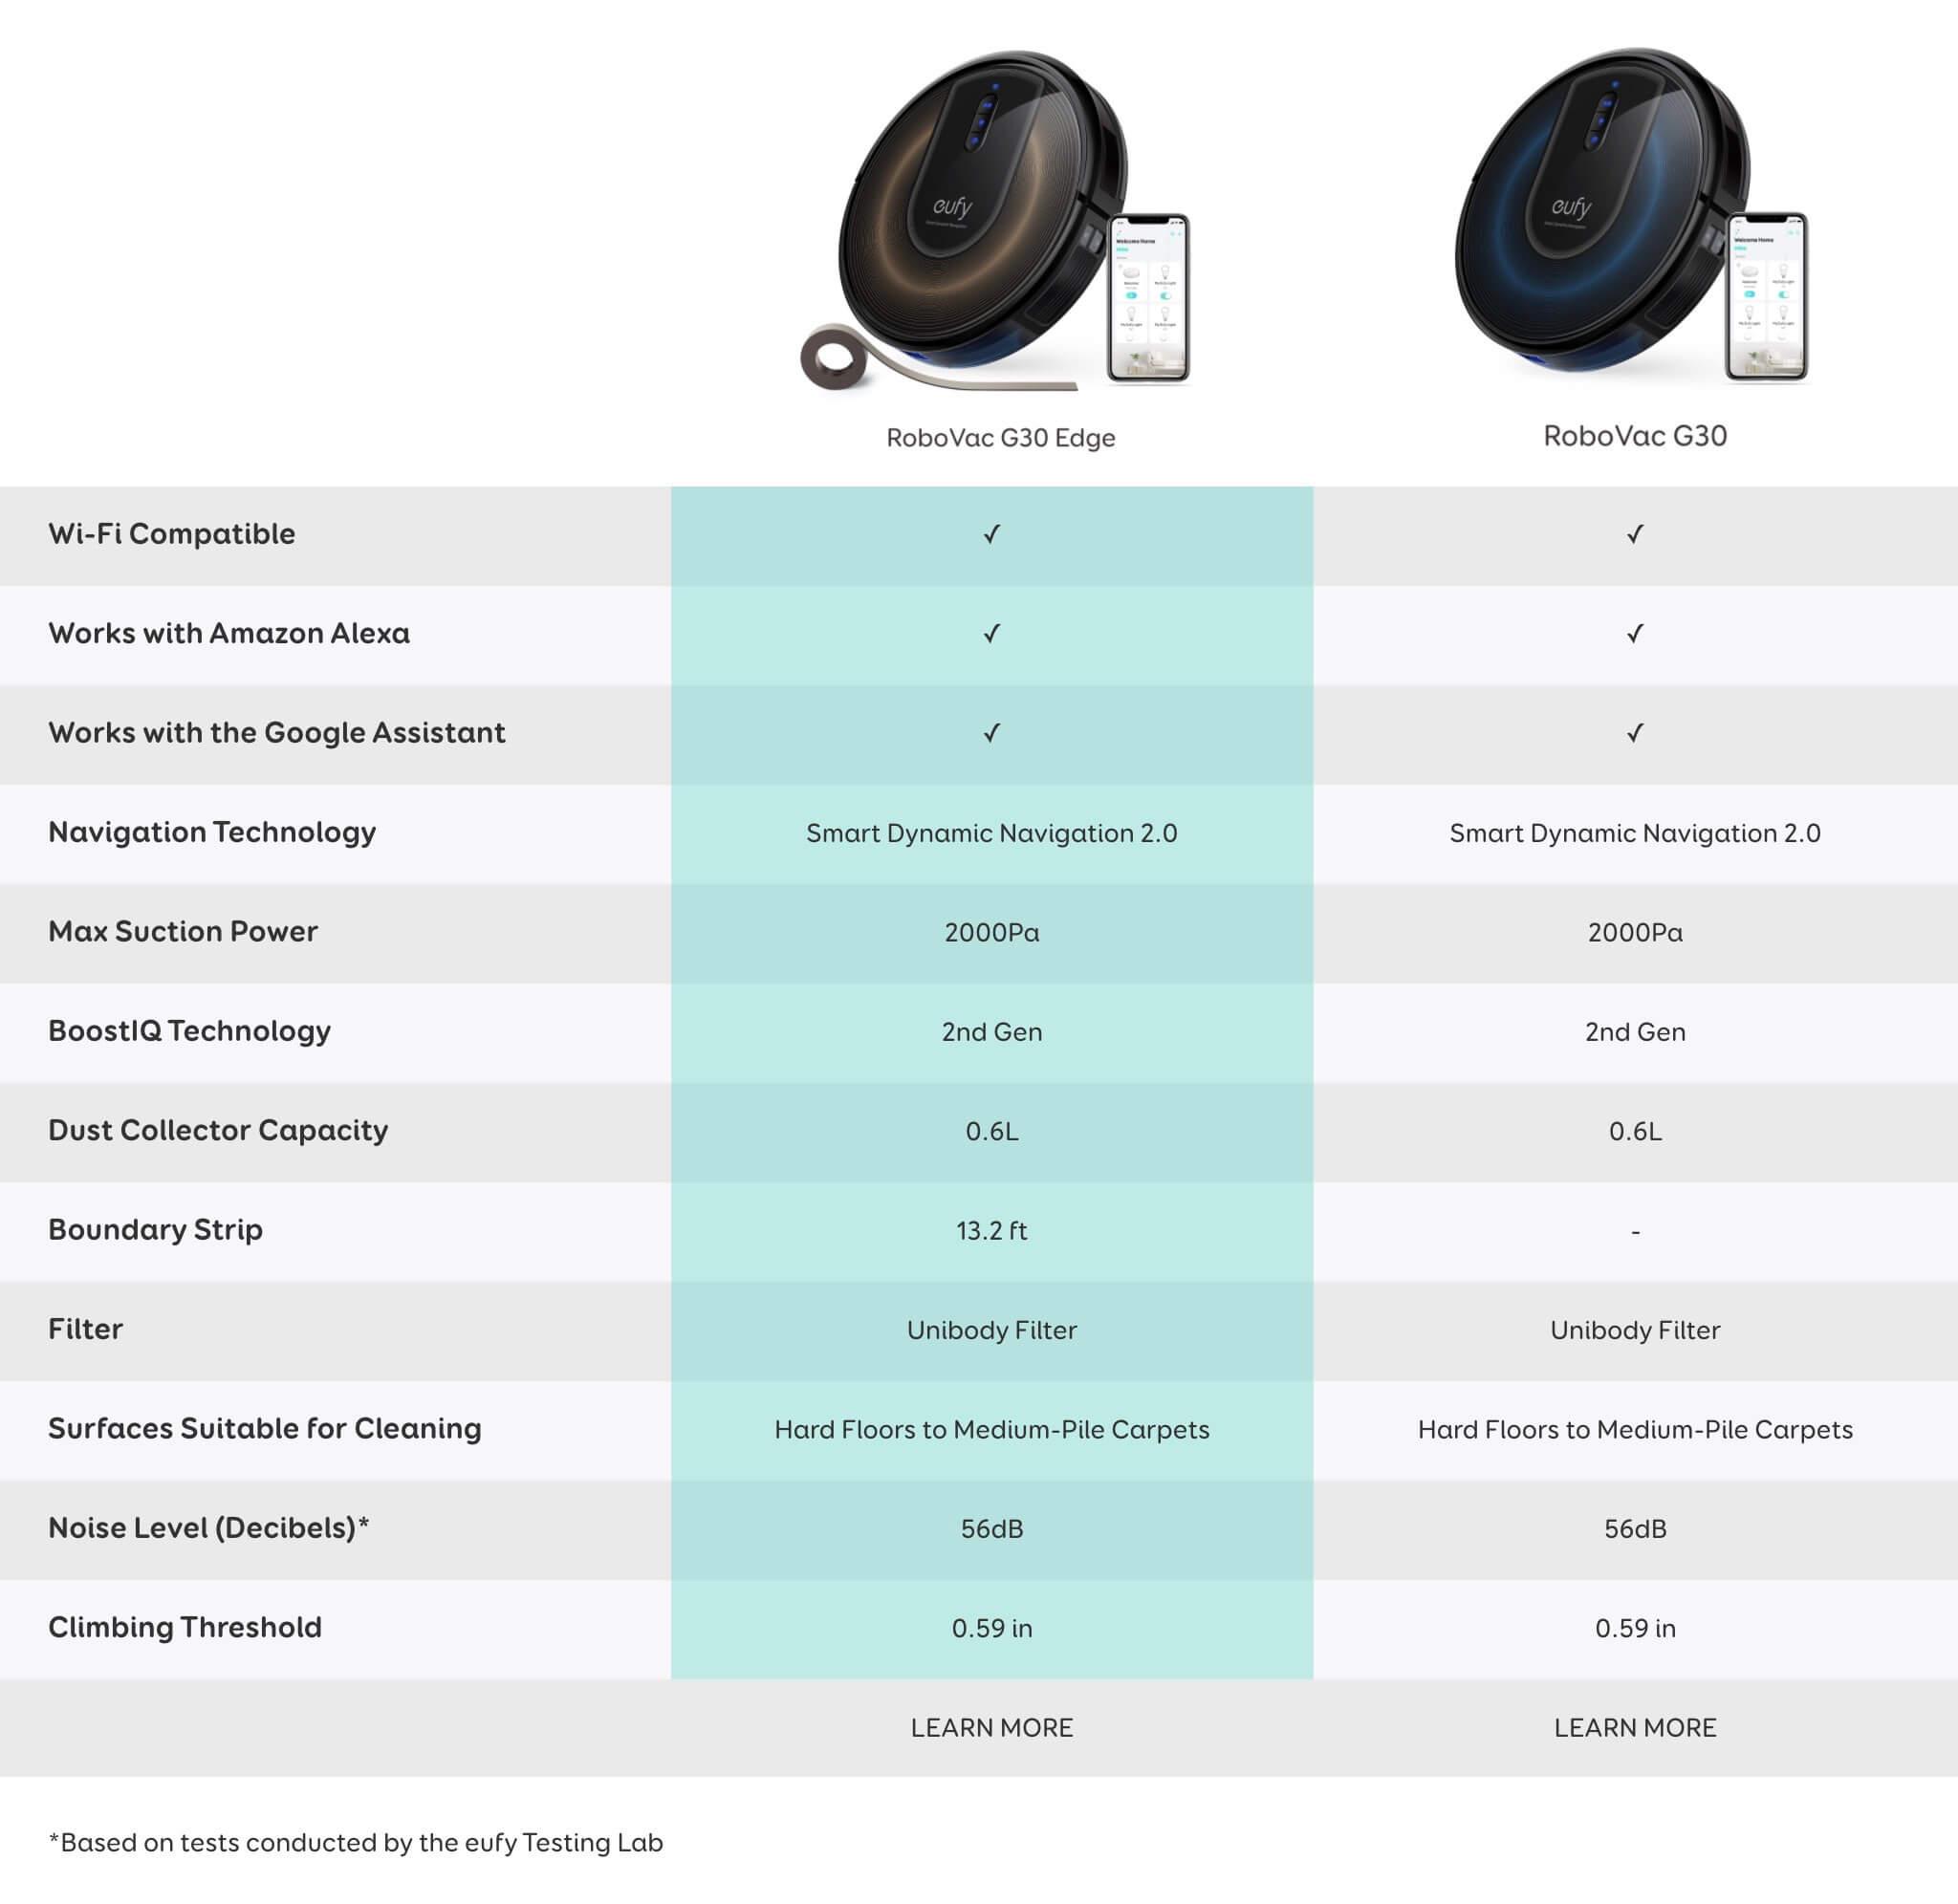 Neue eufy RoboVac G30 Serie von Saugrobotern startet auf dem deutschen Markt 12 techboys.de • smarte News, auf den Punkt! Neue eufy RoboVac G30 Serie von Saugrobotern startet auf dem deutschen Markt